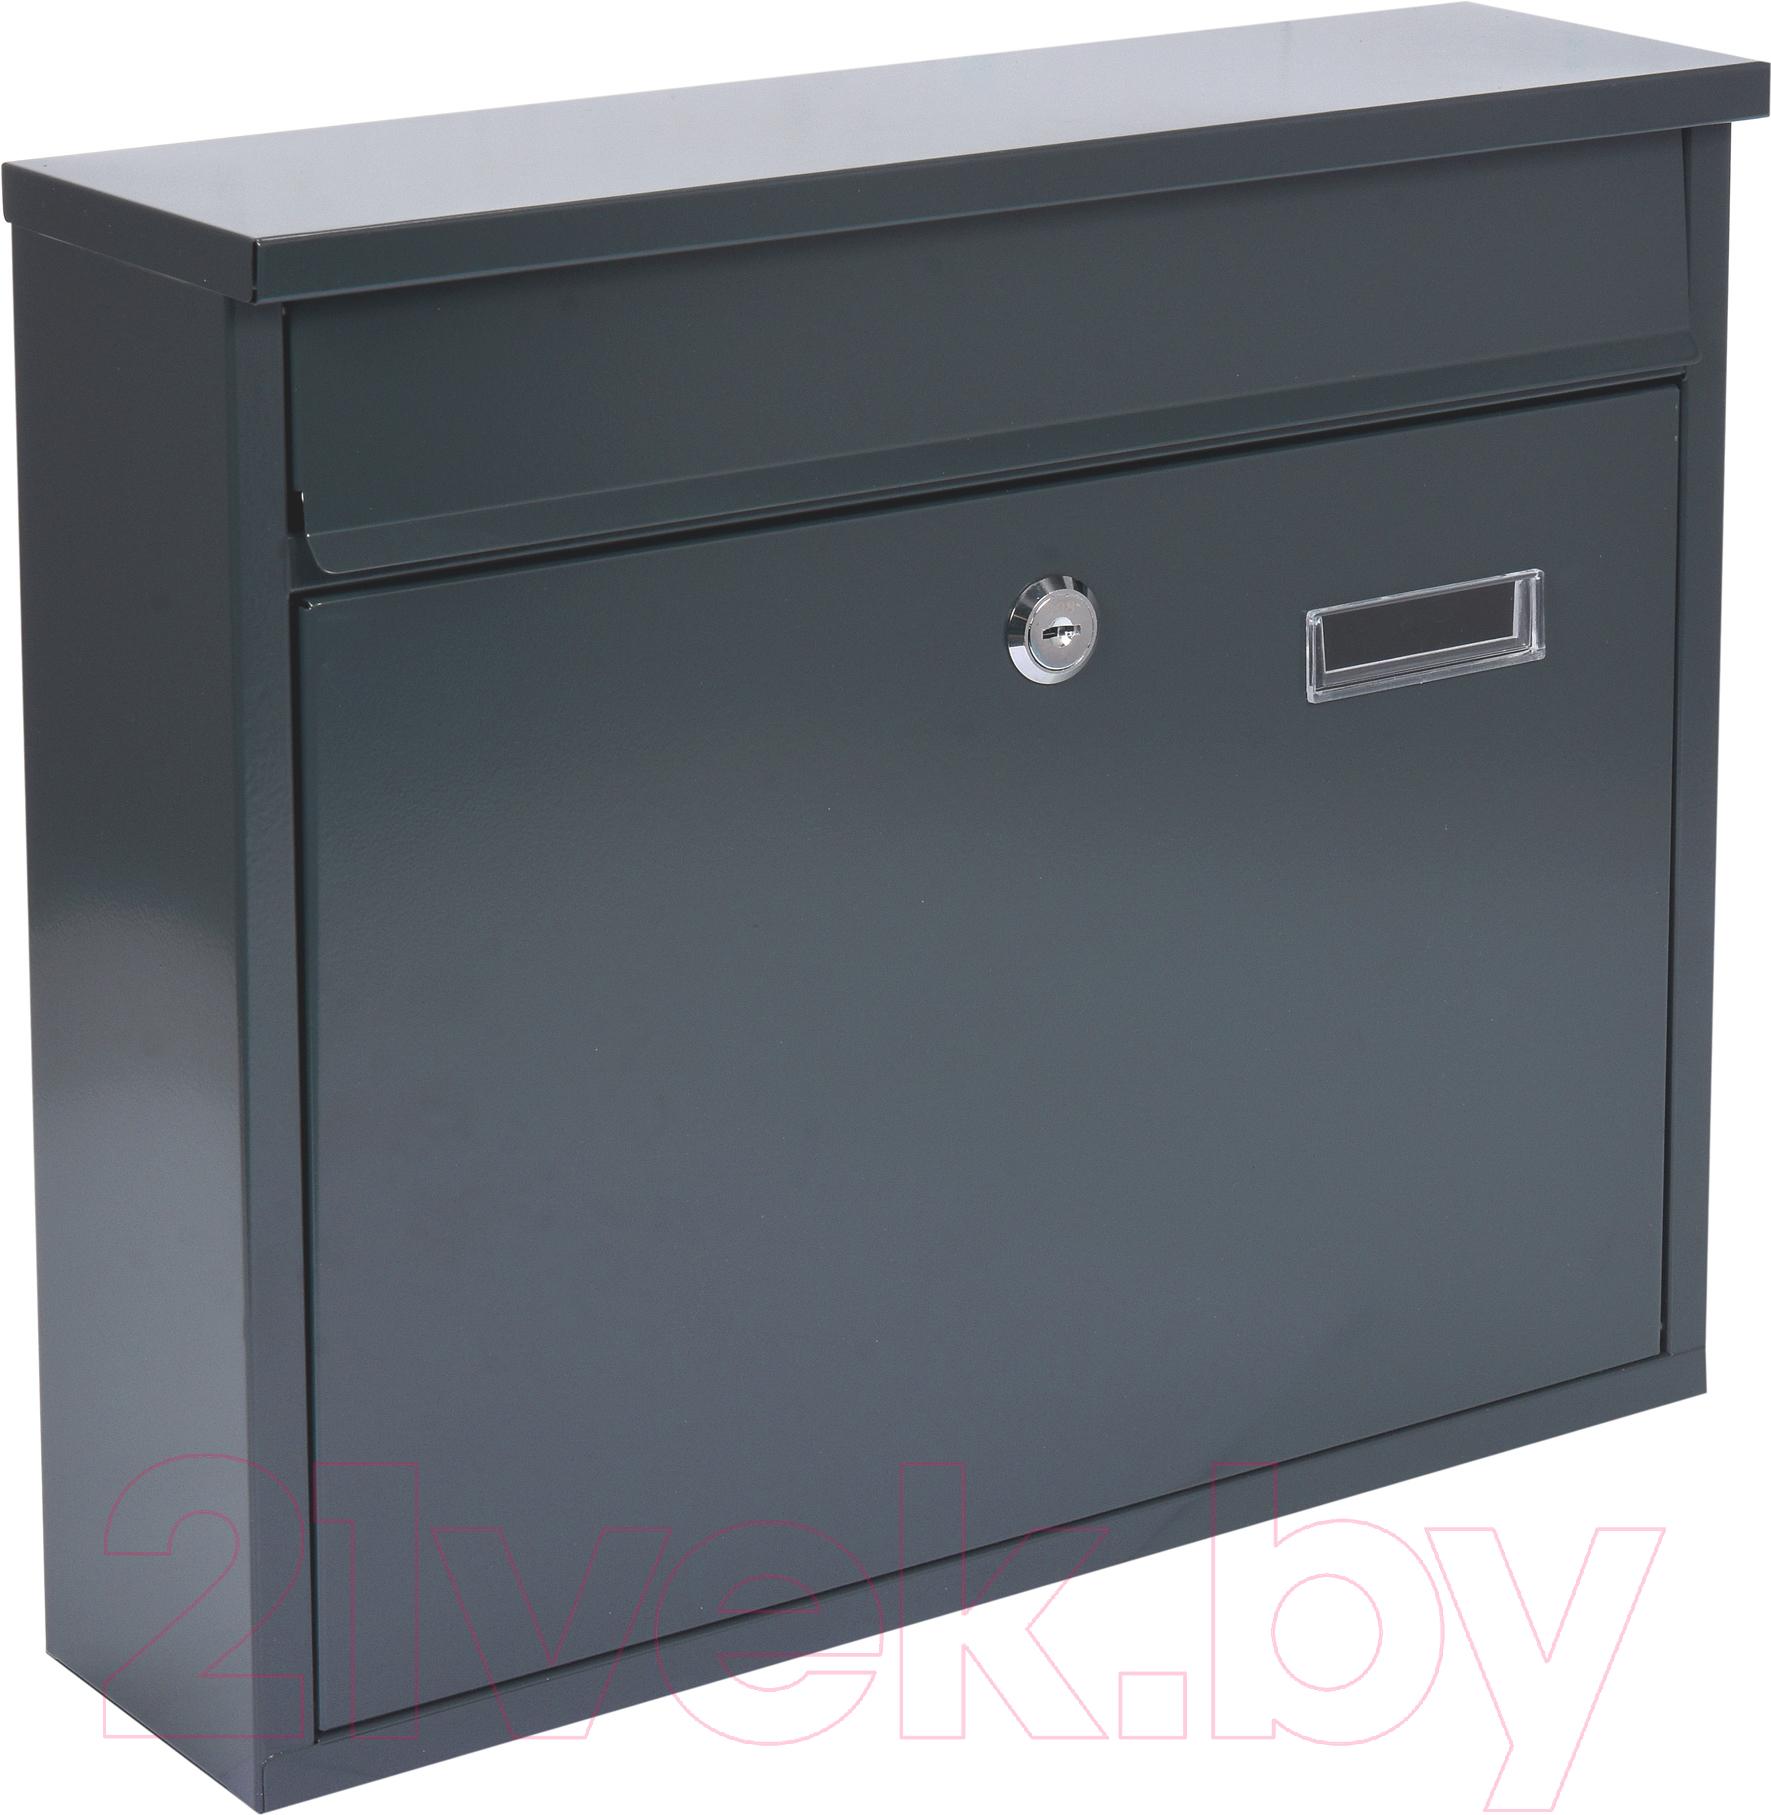 Купить Почтовый ящик Vorel, 78576, Польша, серый, сталь